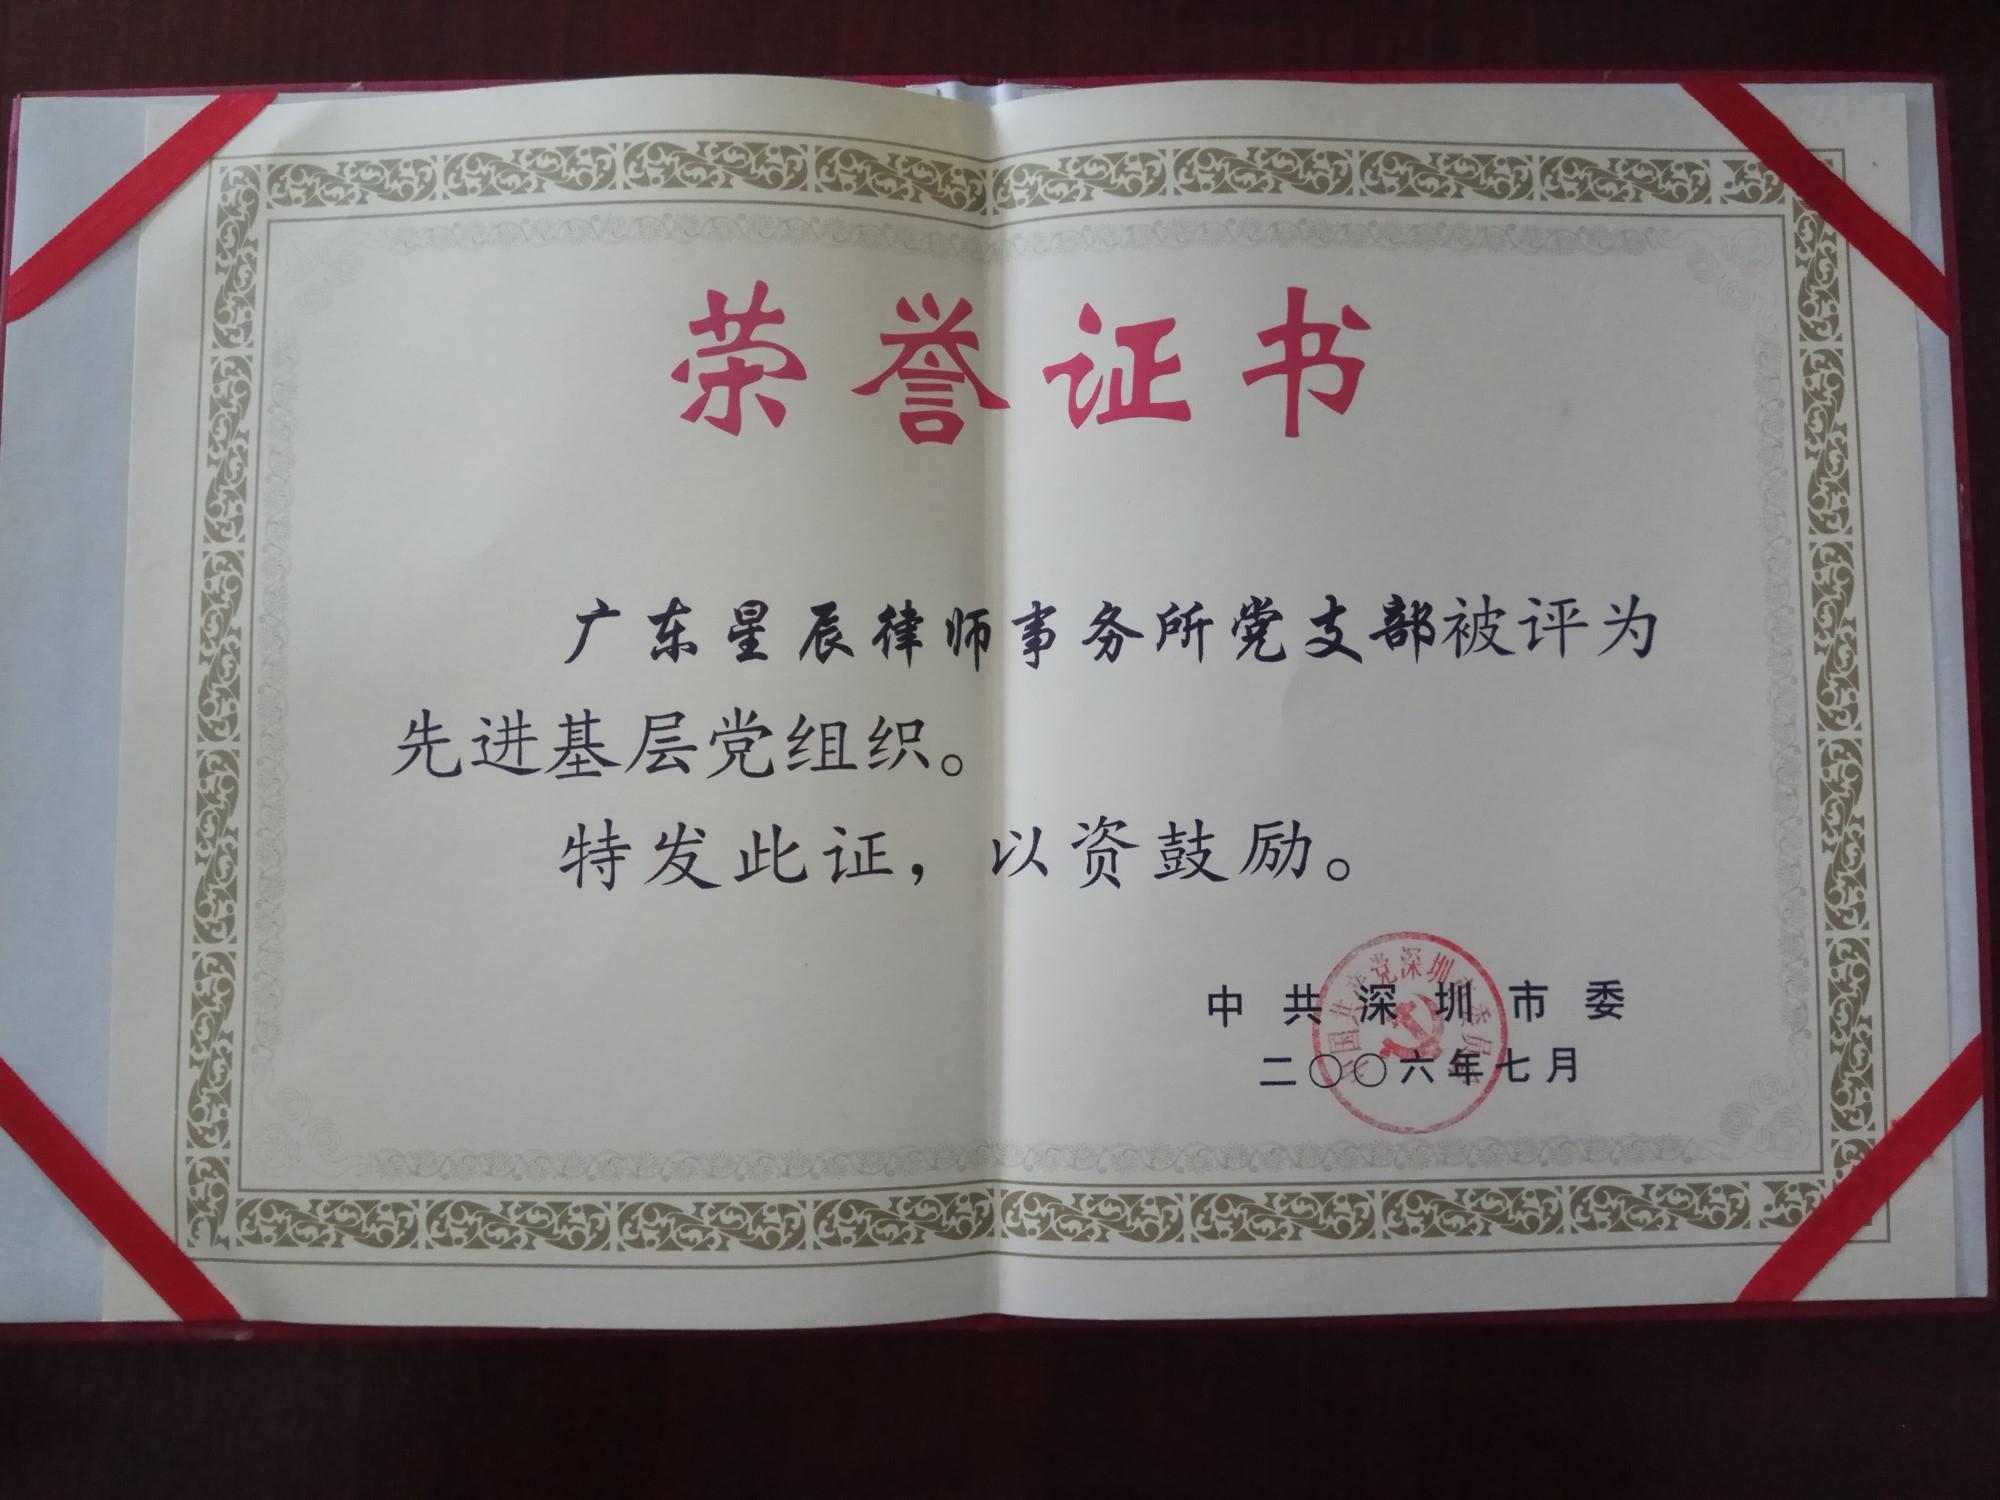 2006先进基层党组织